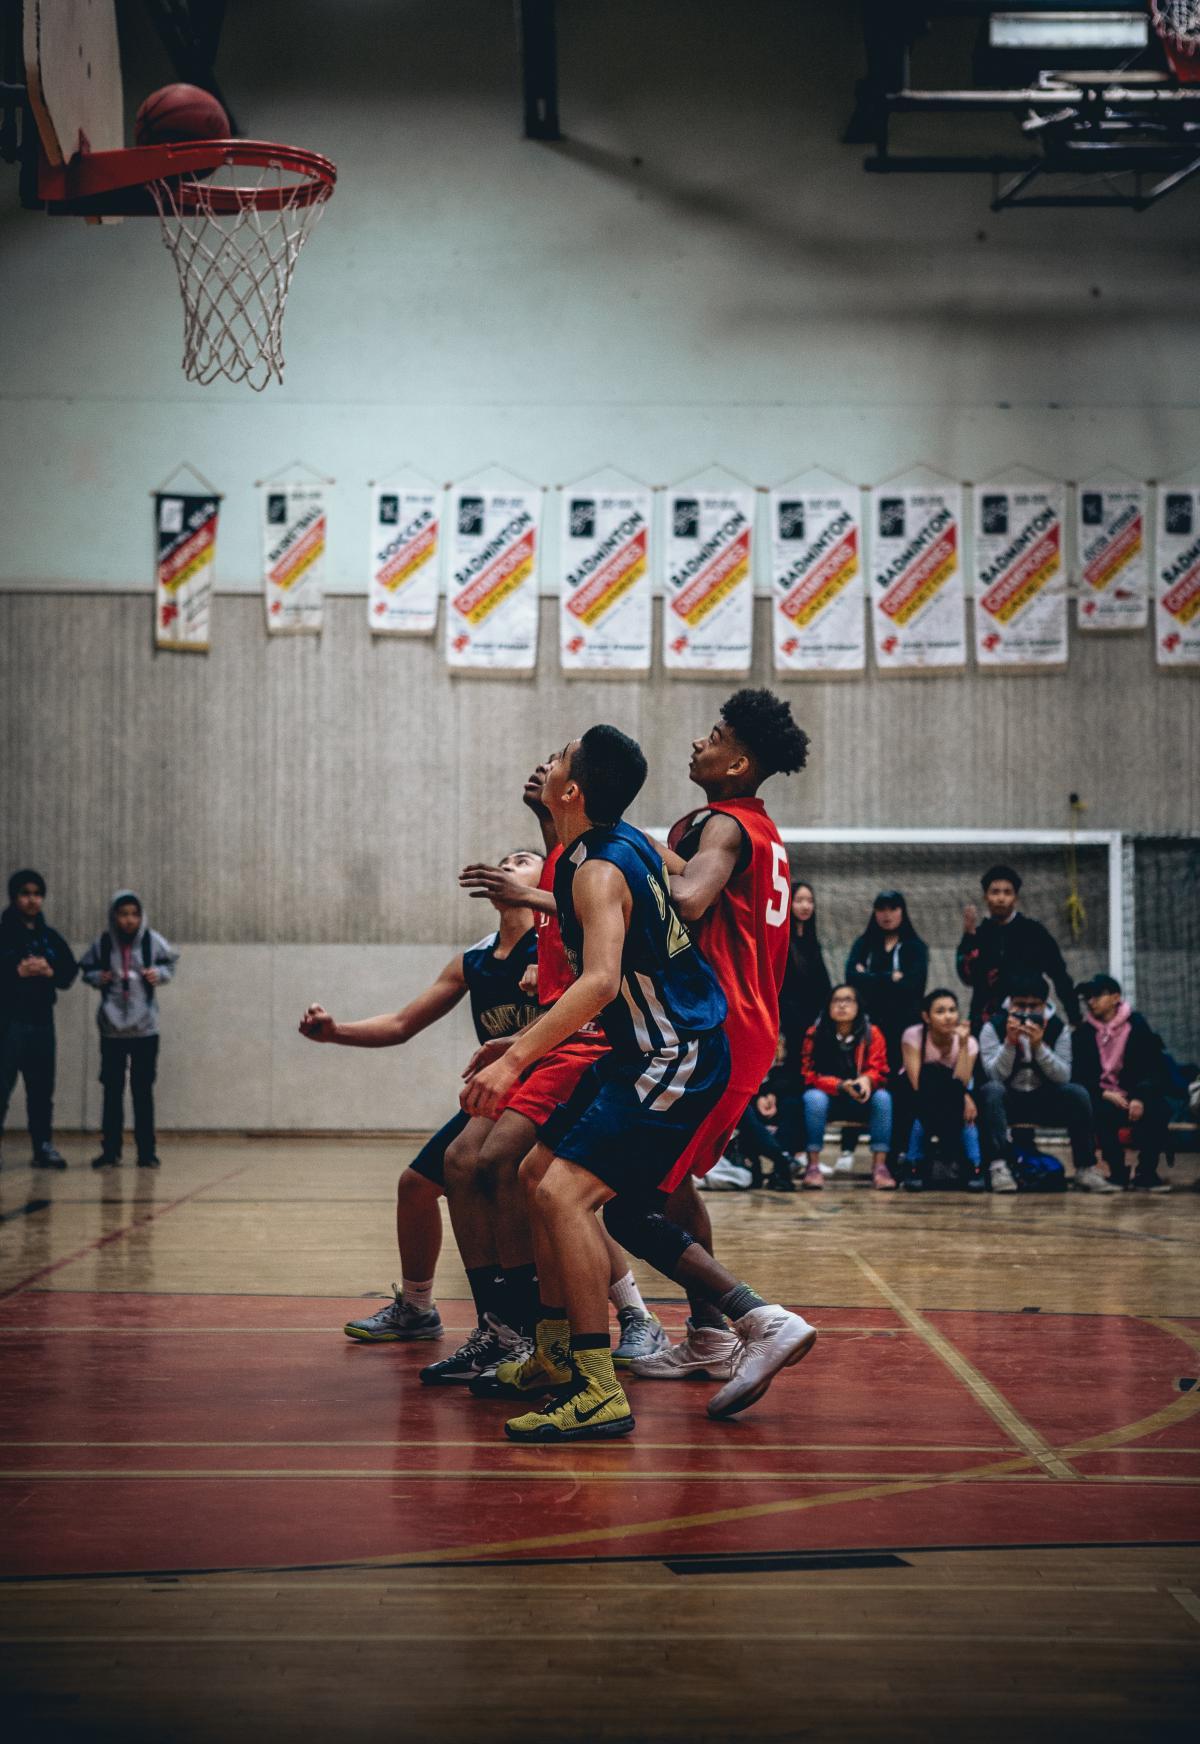 Basketball Basketball equipment Ball #359386